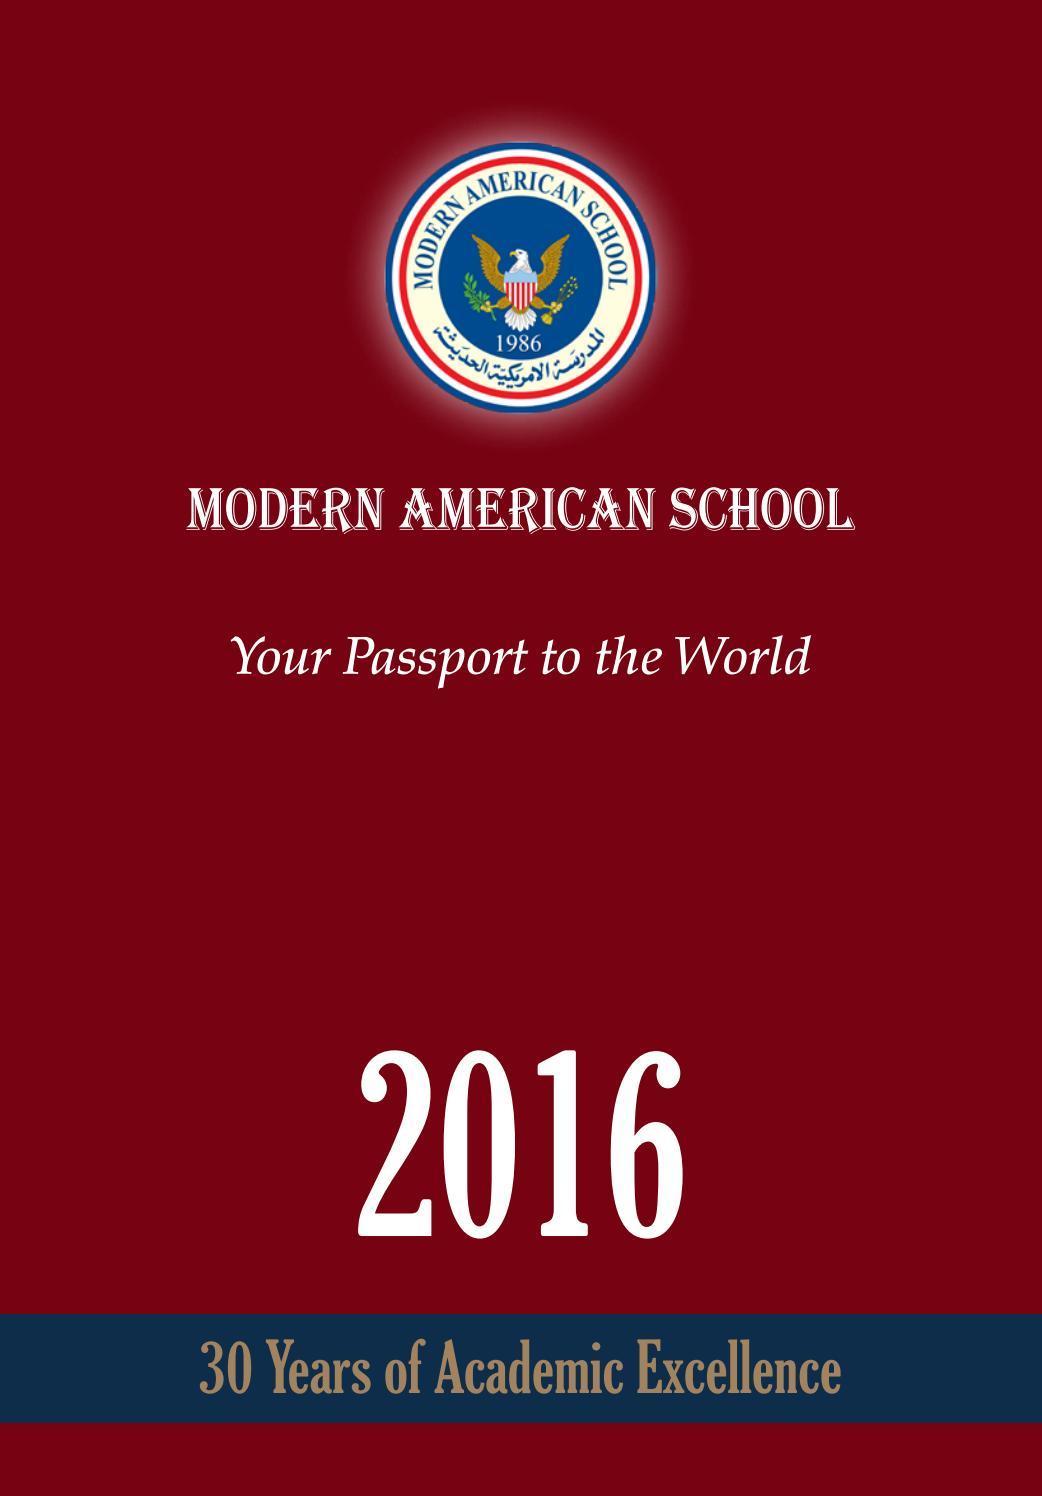 yearbook 2016 by modernamericanschool issuu